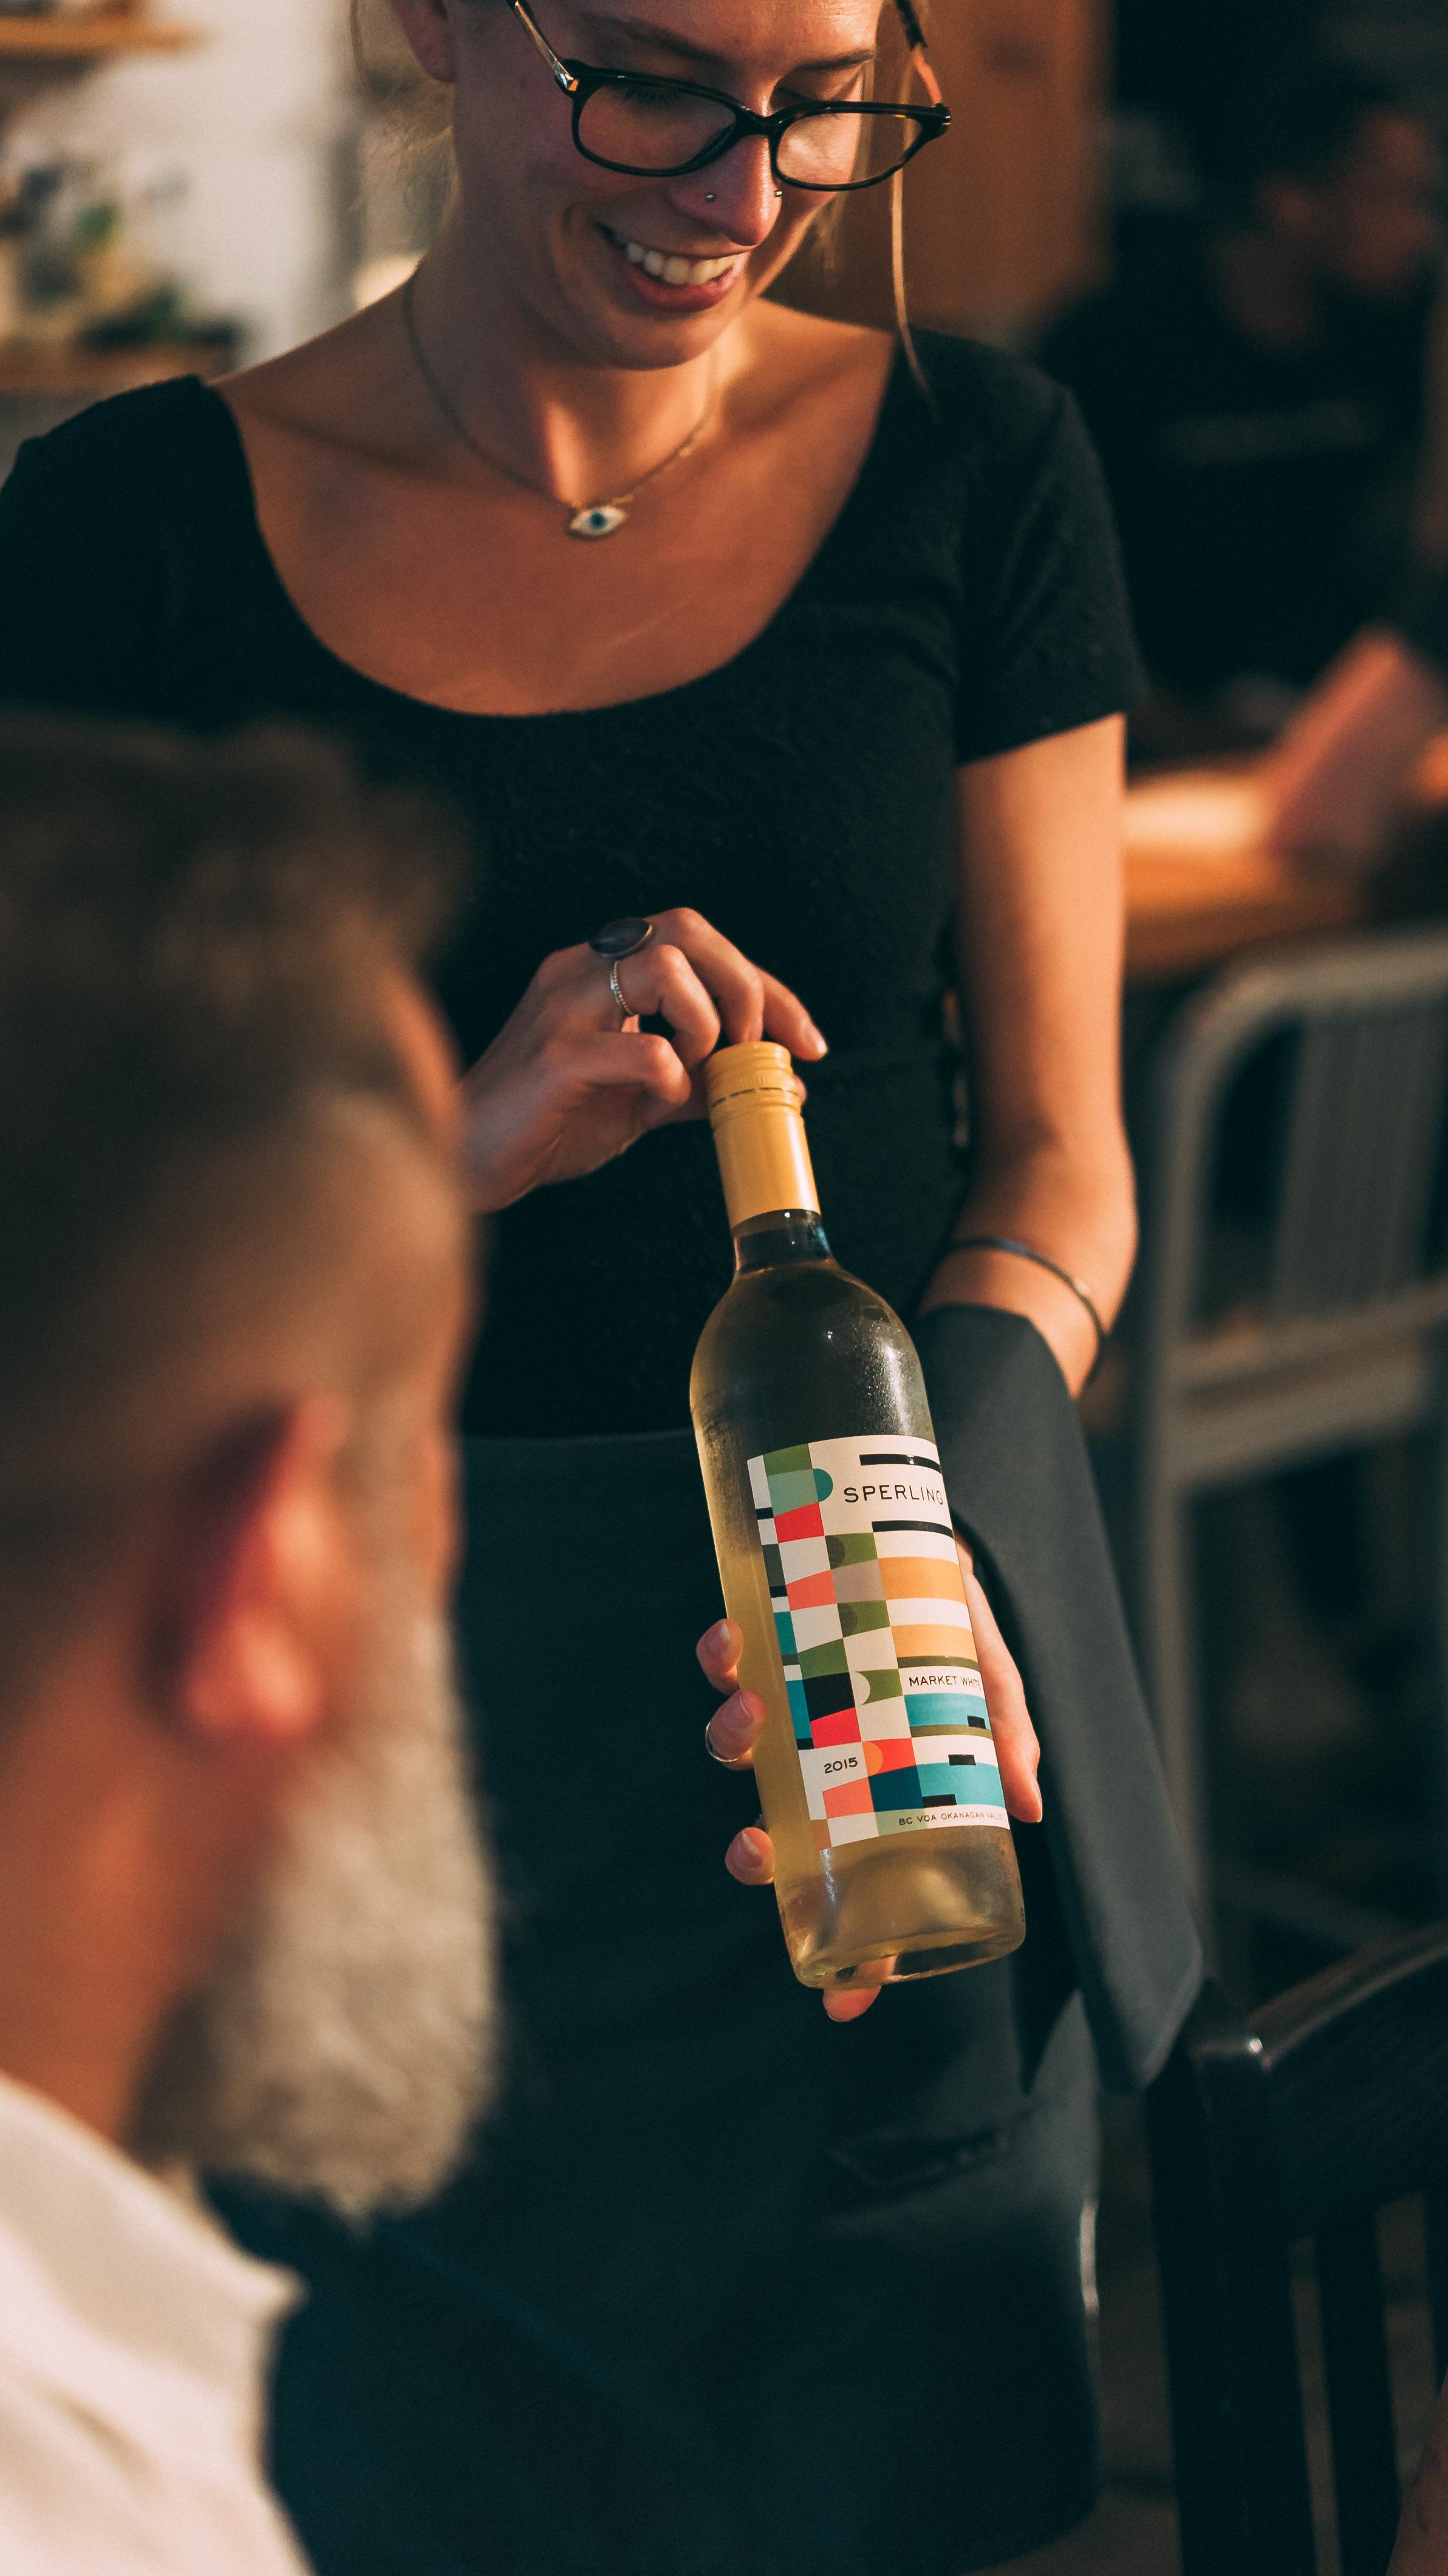 bottle sperling.jpg